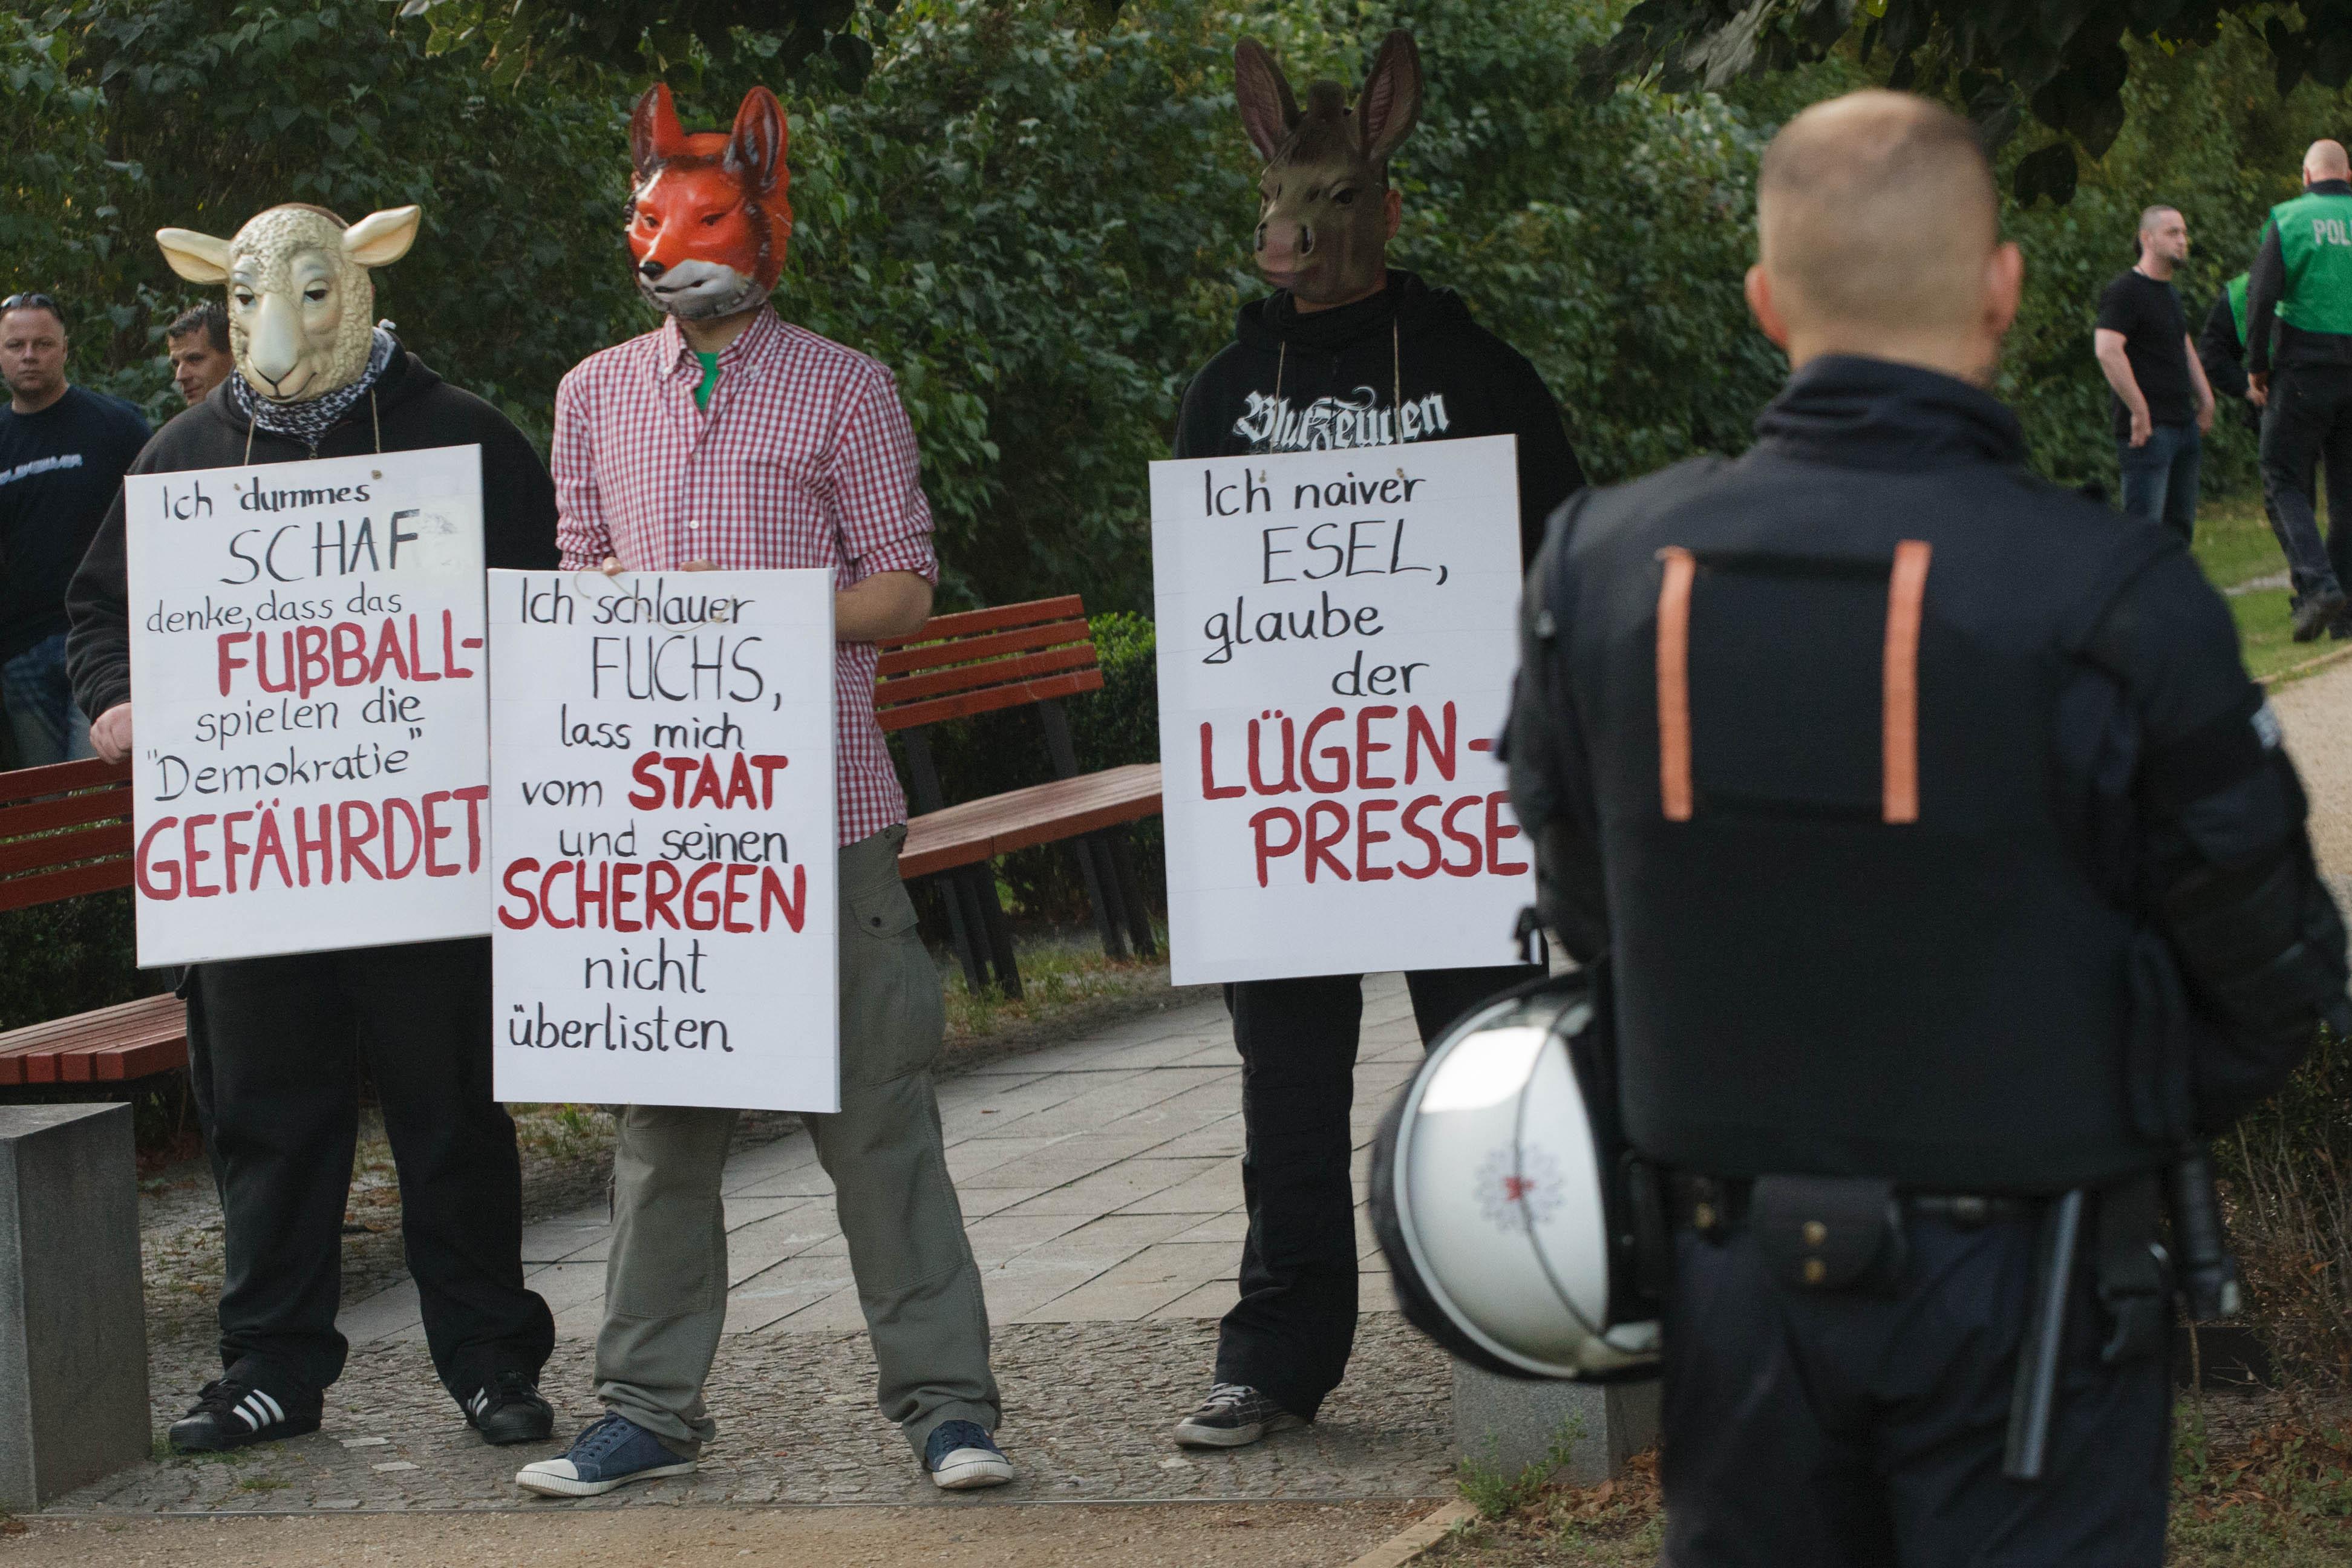 In der Mitte, Steve Schmidt mit Fuchsmaske © Theo Schneider